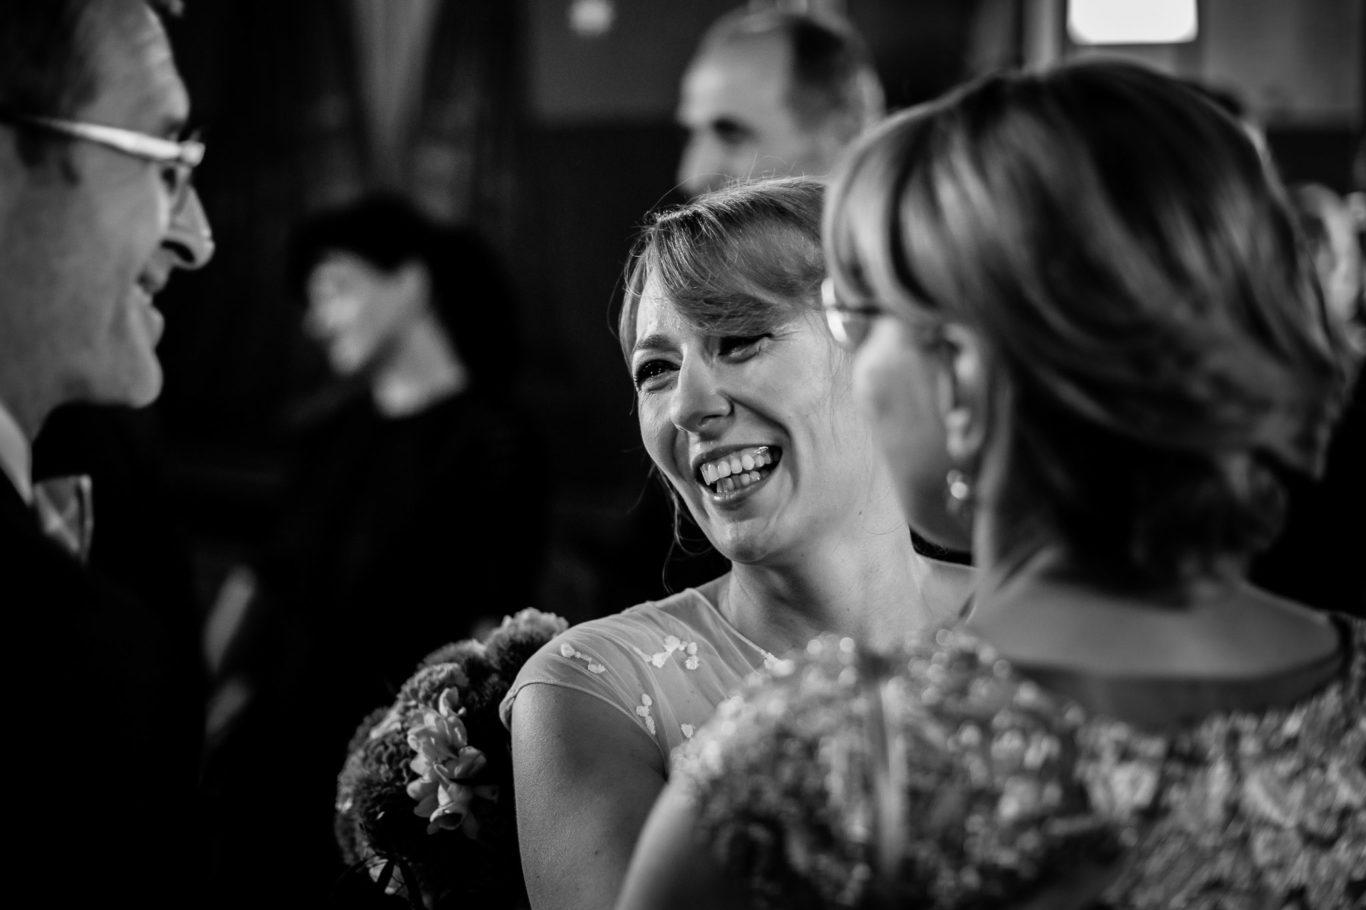 0239-Fotografie-nunta-botez-Ingrid-Geta-Mihai-fotograf-Ciprian-Dumitrescu-DCF_8898